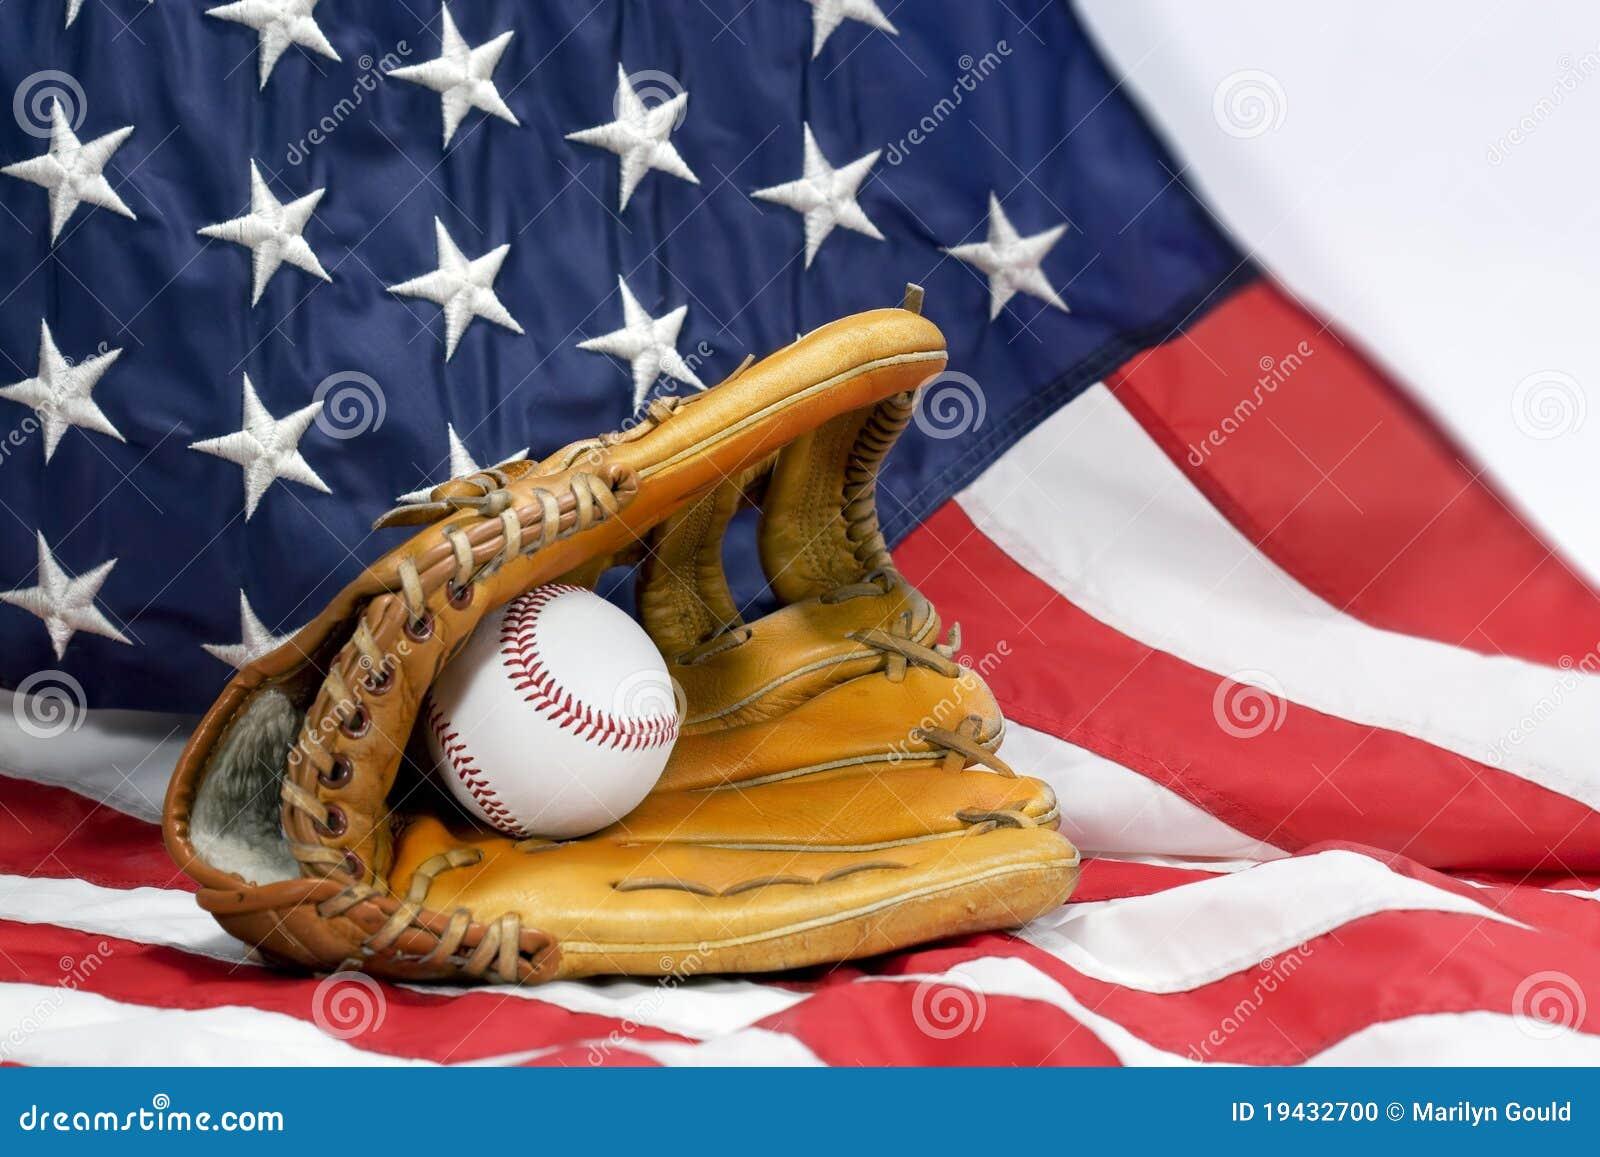 Baseball Glove, Ball & USA Flag